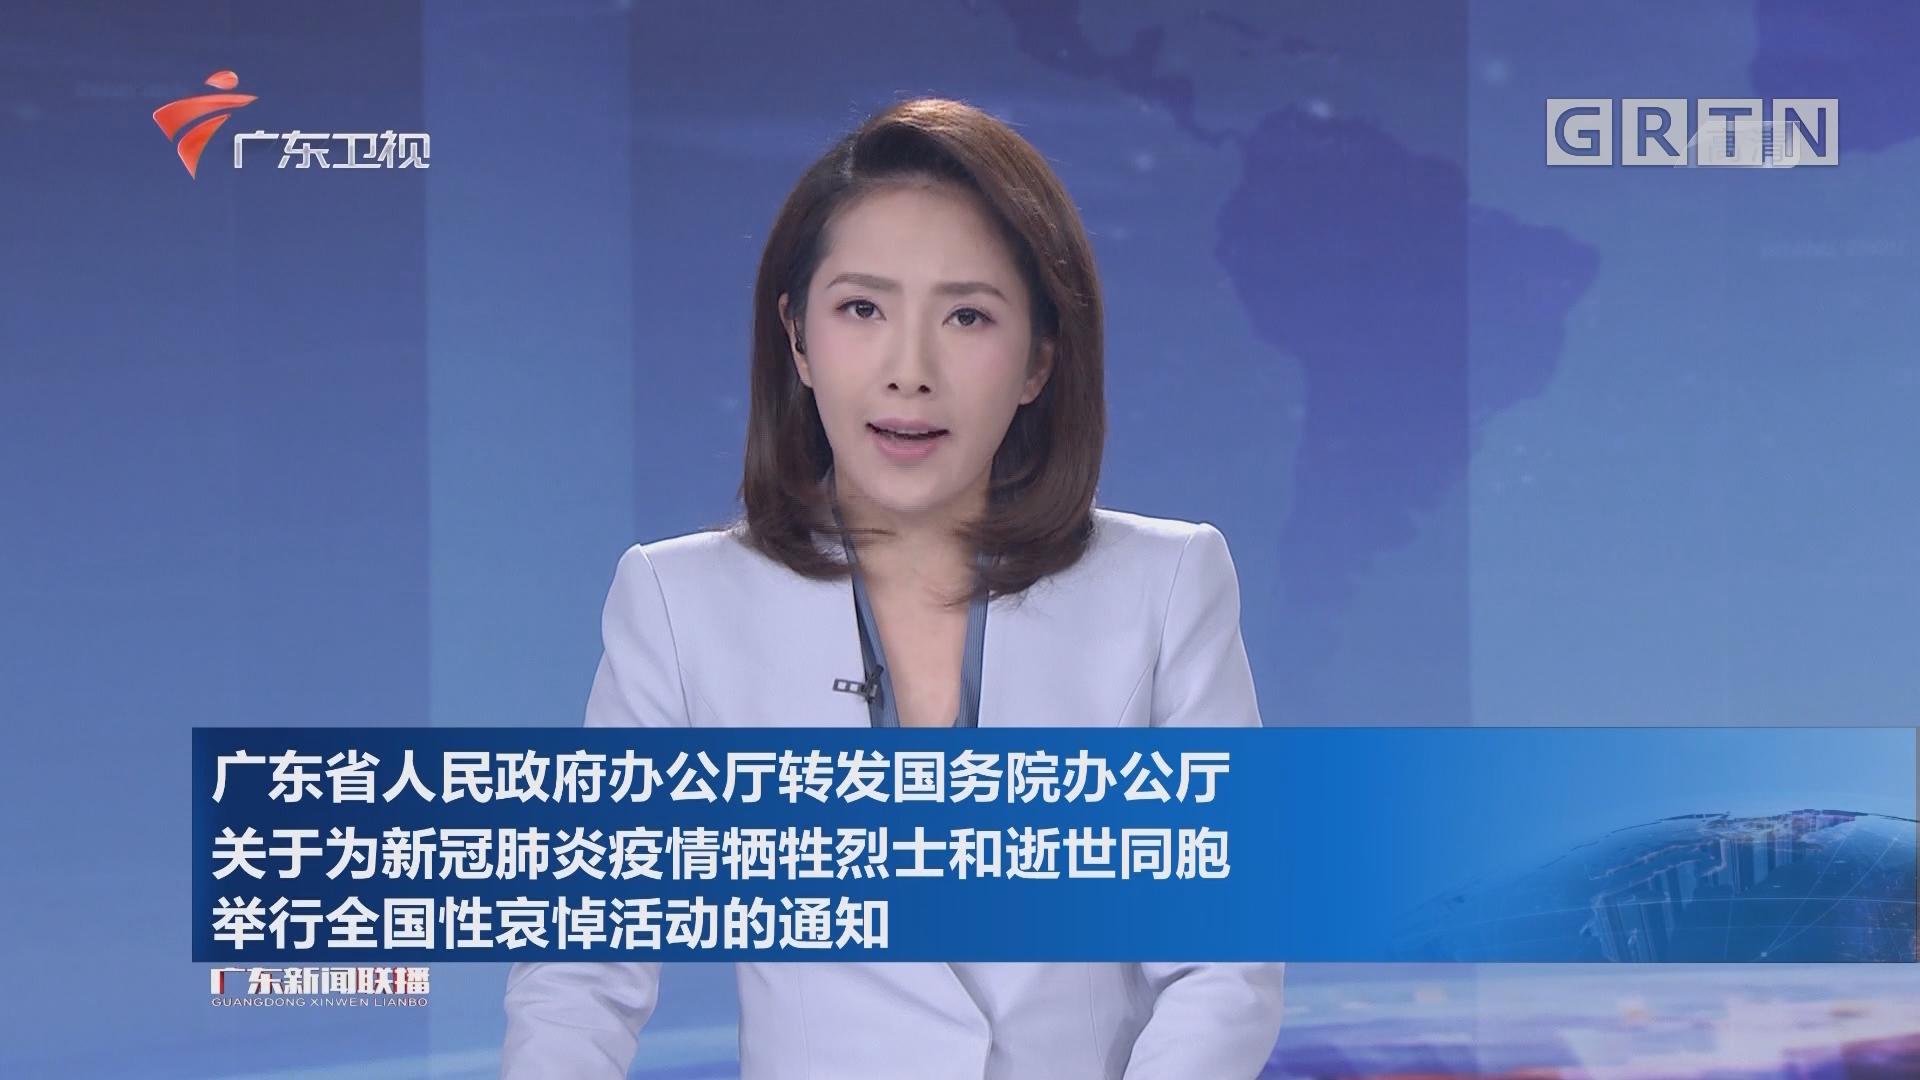 广东省人民政府办公厅转发国务院办公厅关于为新冠肺炎疫情牺牲烈士和逝世同胞举行全国性哀悼活动的通知